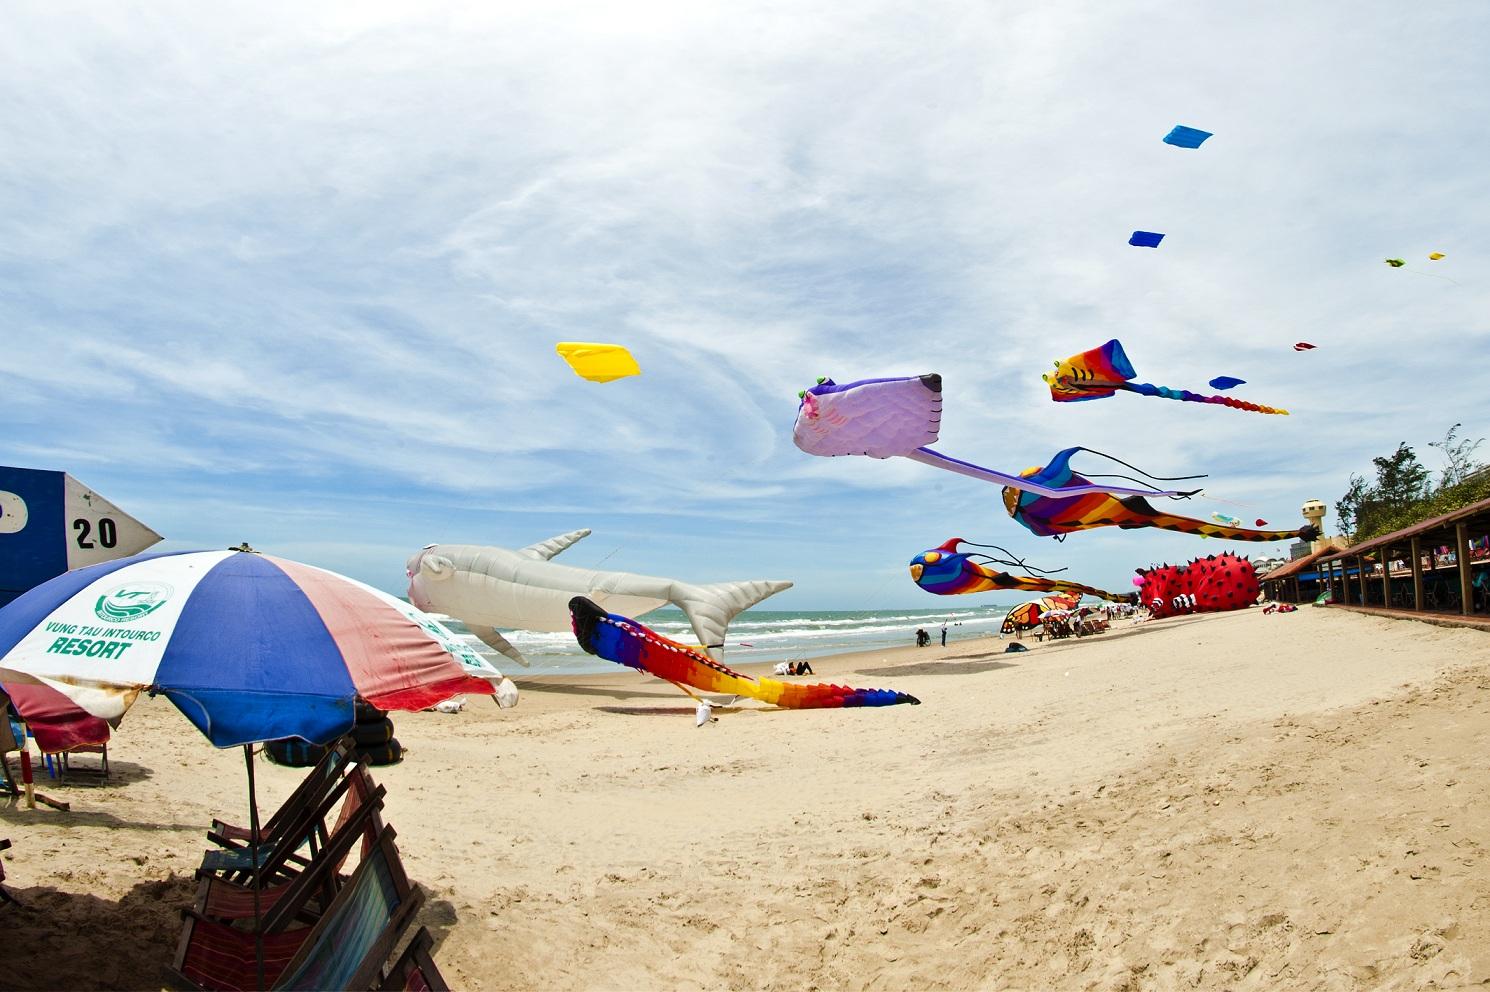 Lễ hội diều diễn ra tại bãi biển thuộc Intourco Resort Vũng Tàu